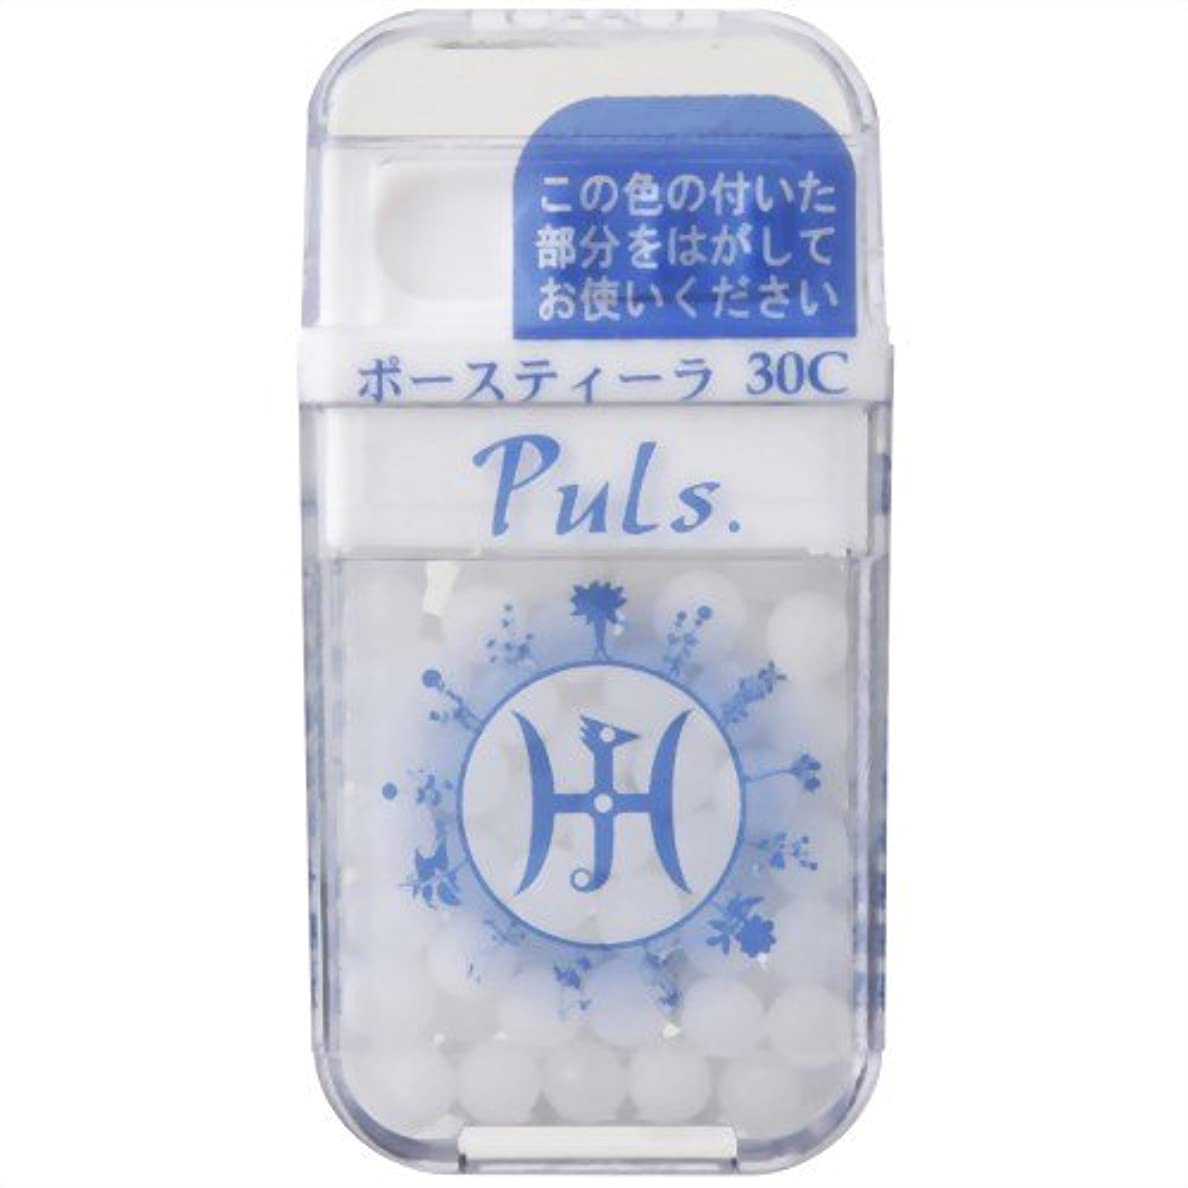 変装嵐の靴ホメオパシージャパンレメディー Puls.  ポースティーラ  30C (大ビン)